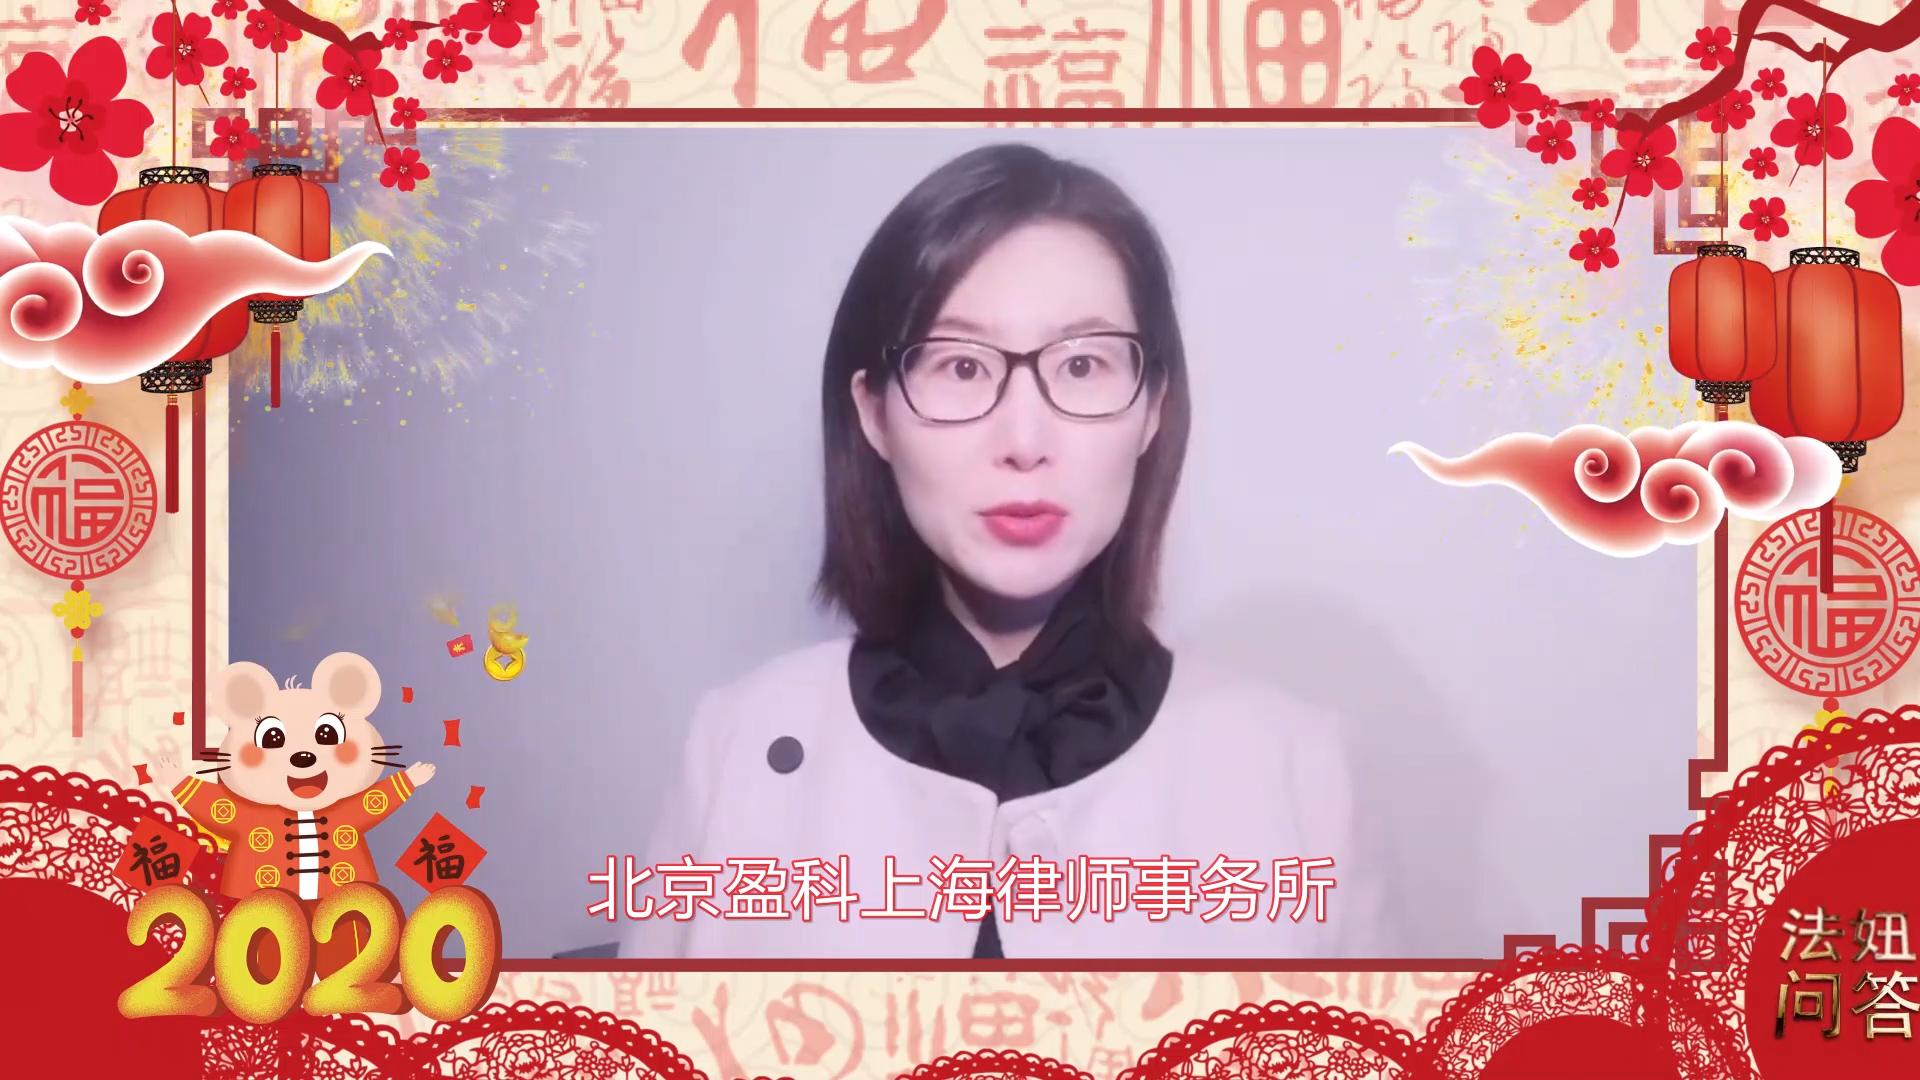 王文静律师拜年视频